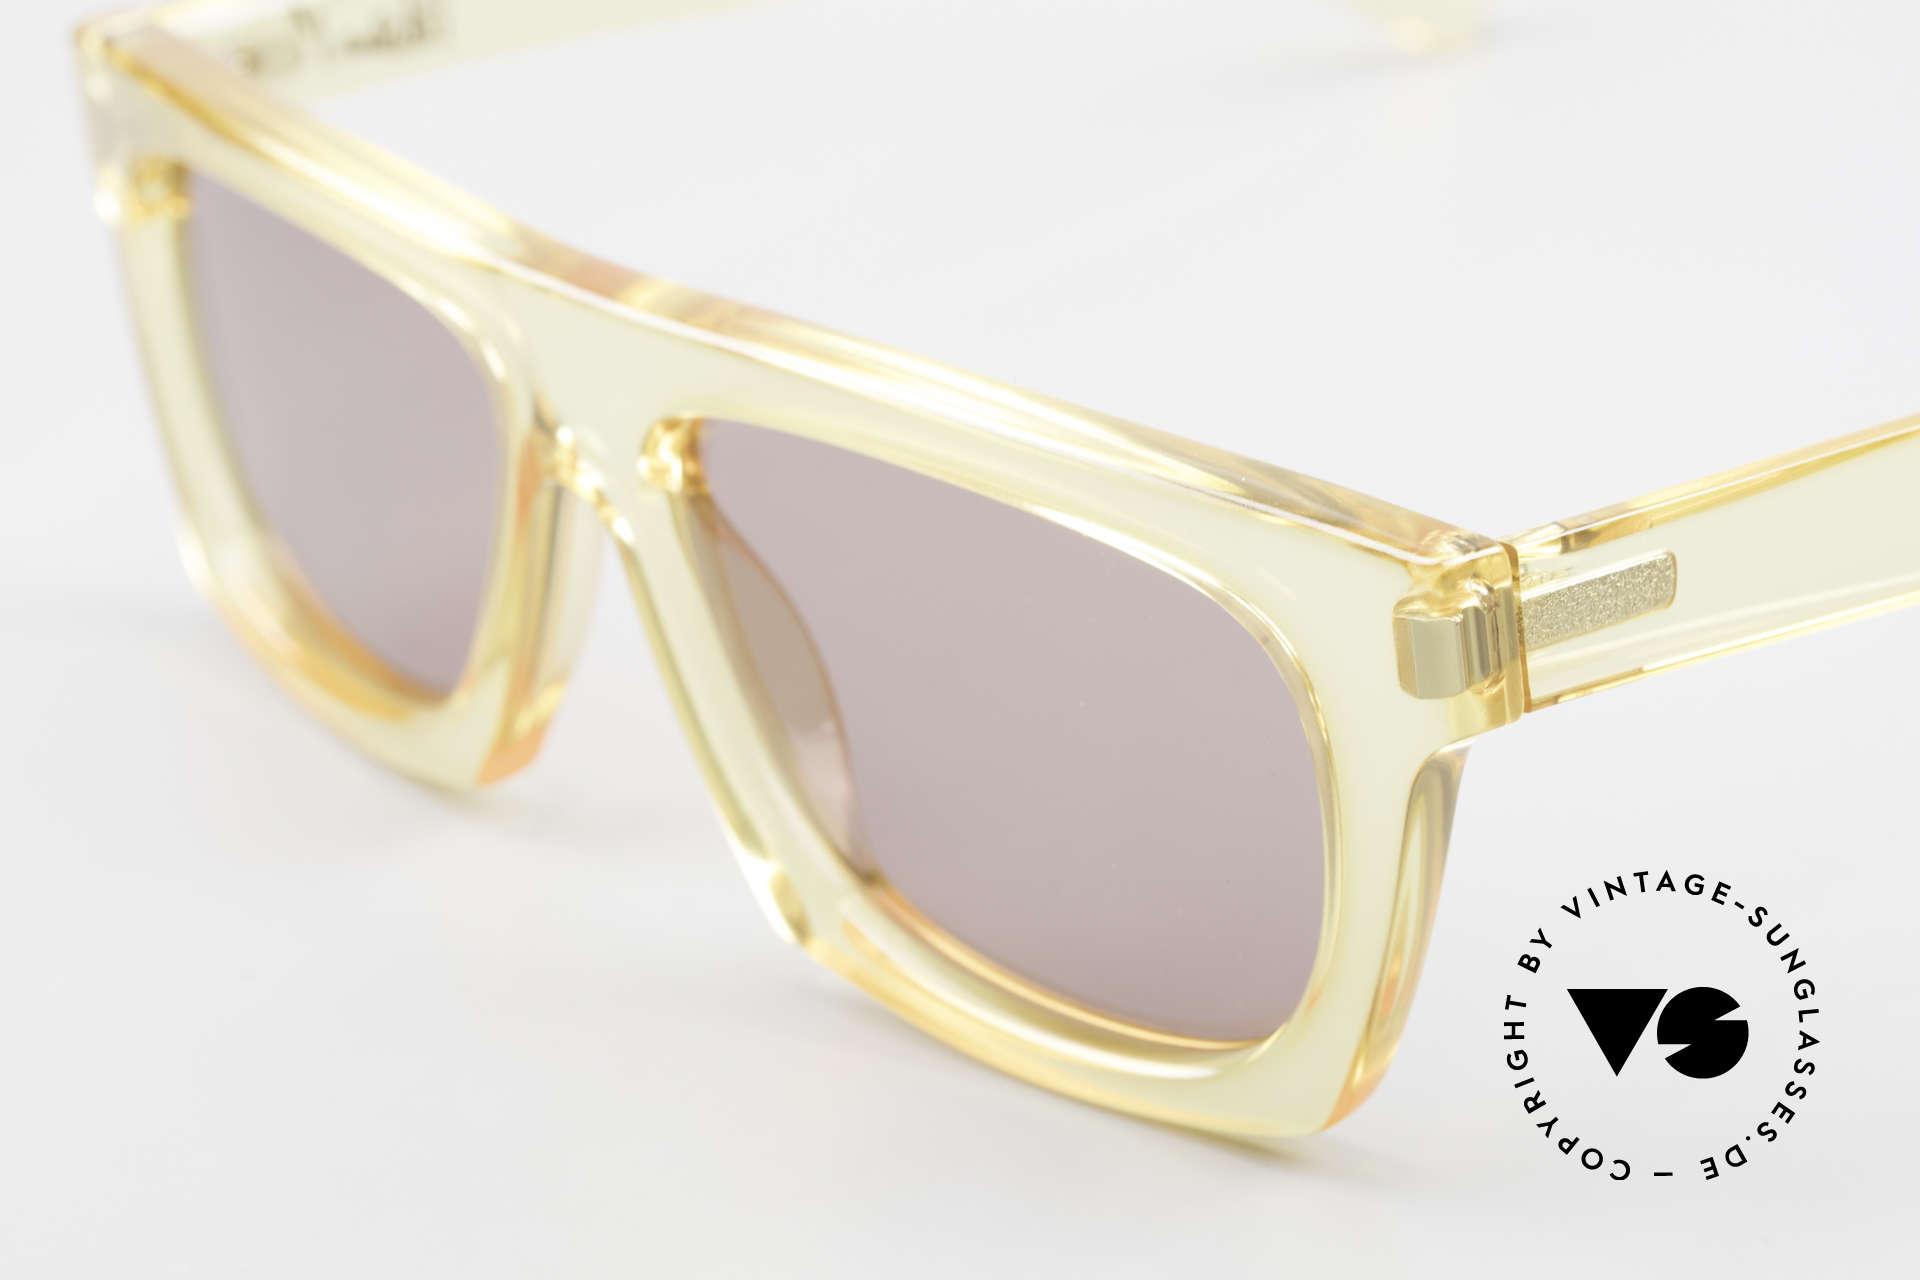 Paloma Picasso 1460 90er Original No Retrobrille, ungetragen (wie alle unsere vintage Sonnenbrillen), Passend für Herren und Damen